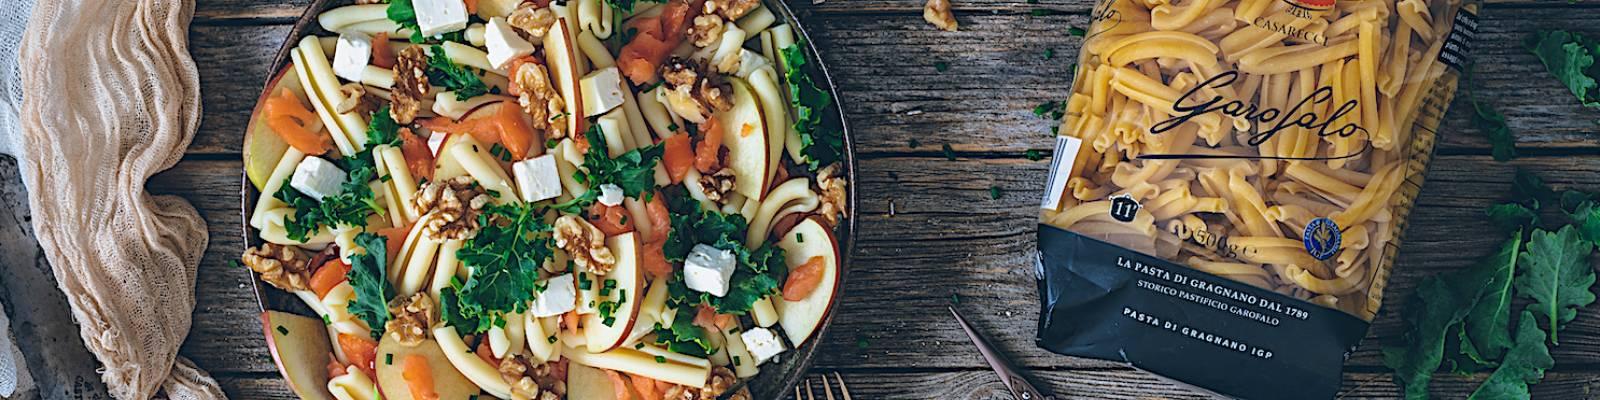 Pasta Garofalo - Salada de massa com Garofalo Casarecce, salmão e couve